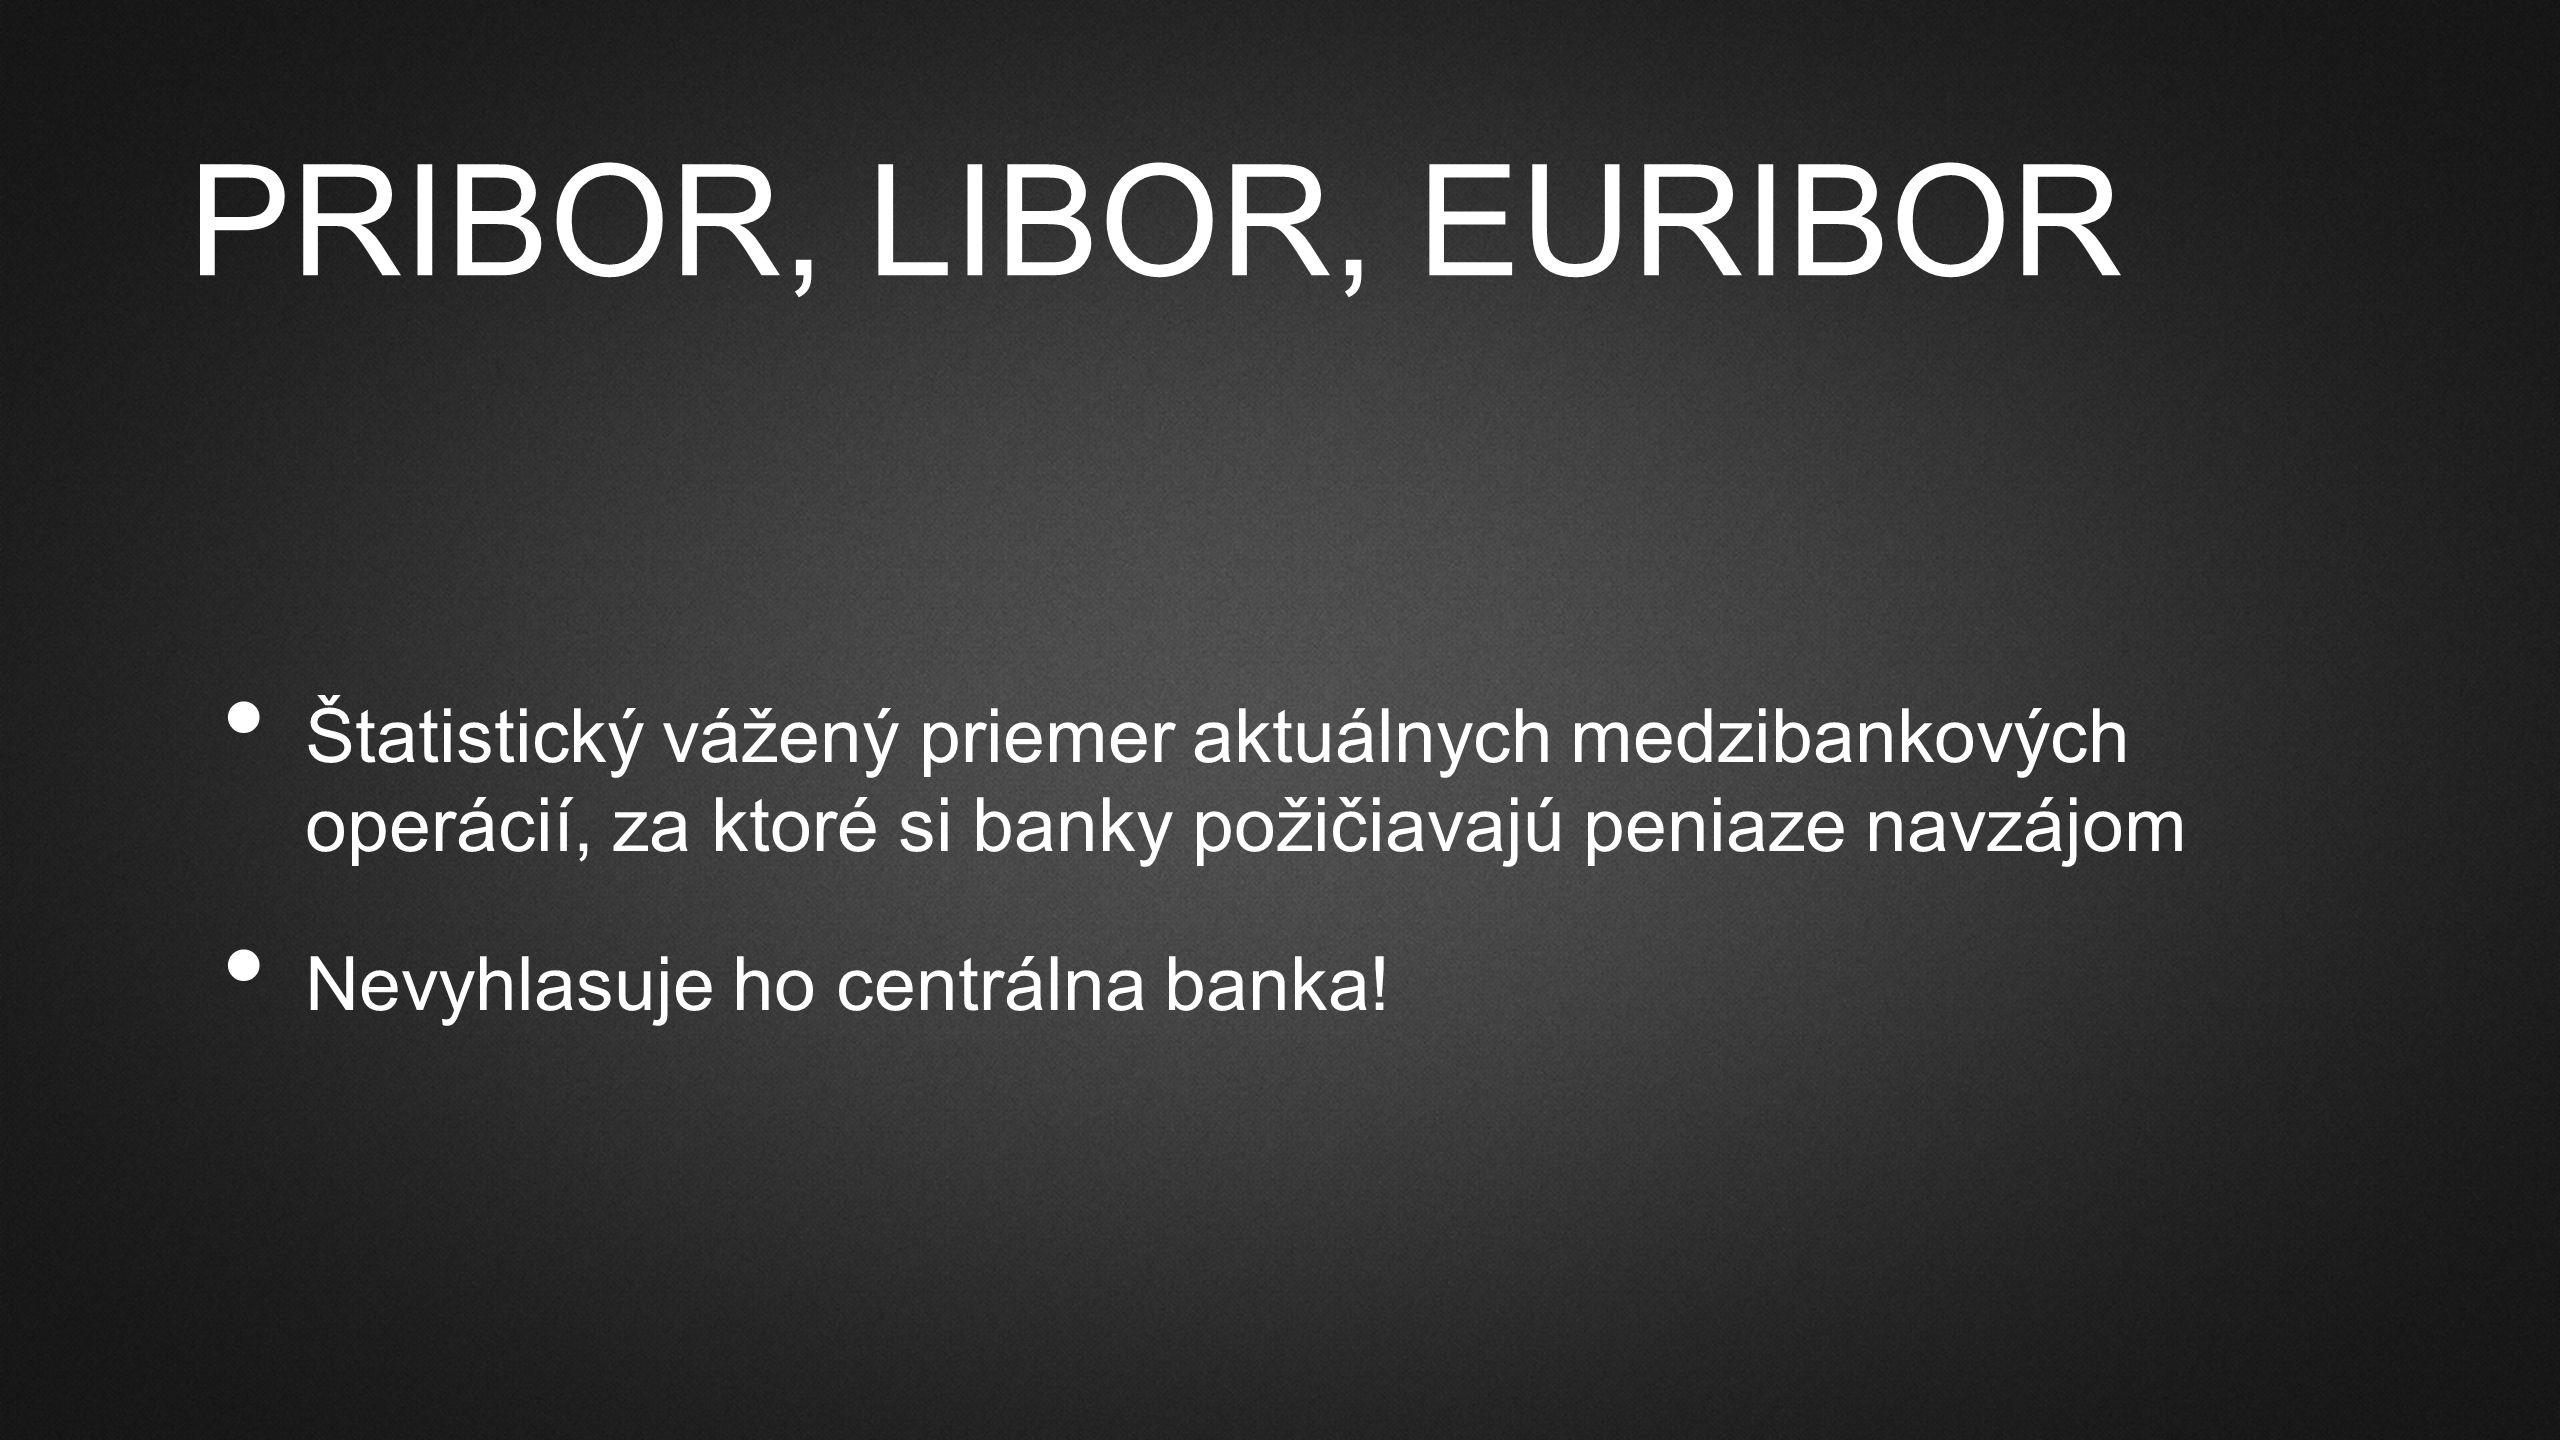 PRIBOR, LIBOR, EURIBOR Štatistický vážený priemer aktuálnych medzibankových operácií, za ktoré si banky požičiavajú peniaze navzájom Nevyhlasuje ho centrálna banka!